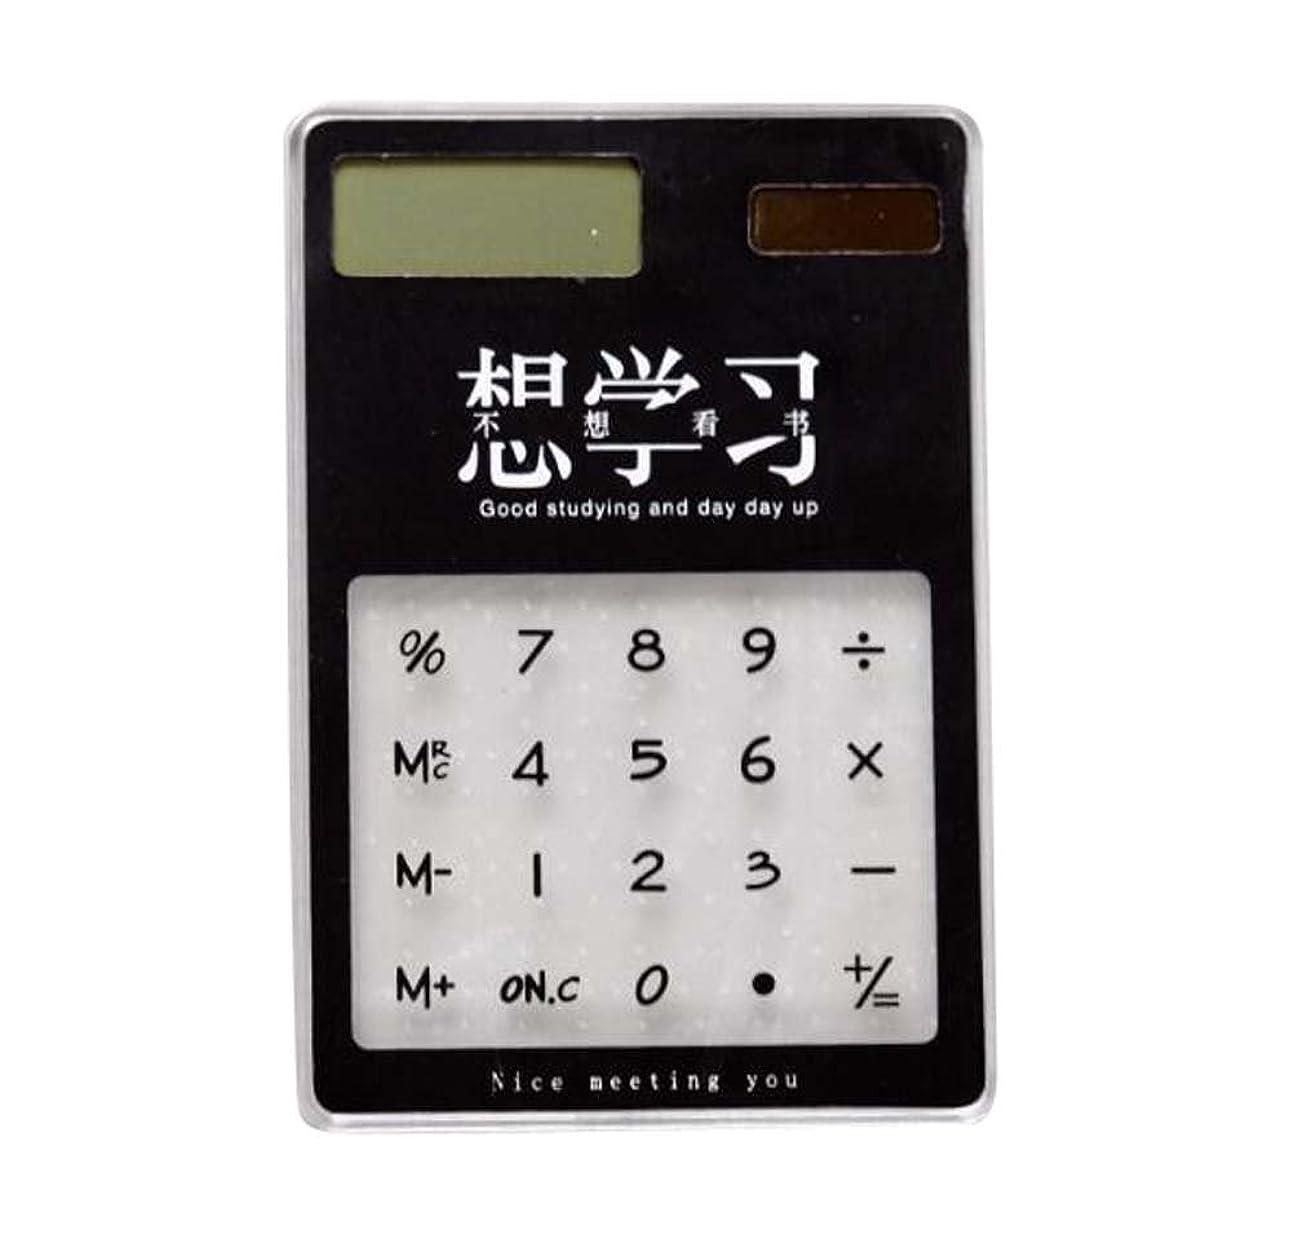 血まみれのパプアニューギニア進行中透明な小さな電卓ポータブルビジネス太陽エネルギー計算器 - E3